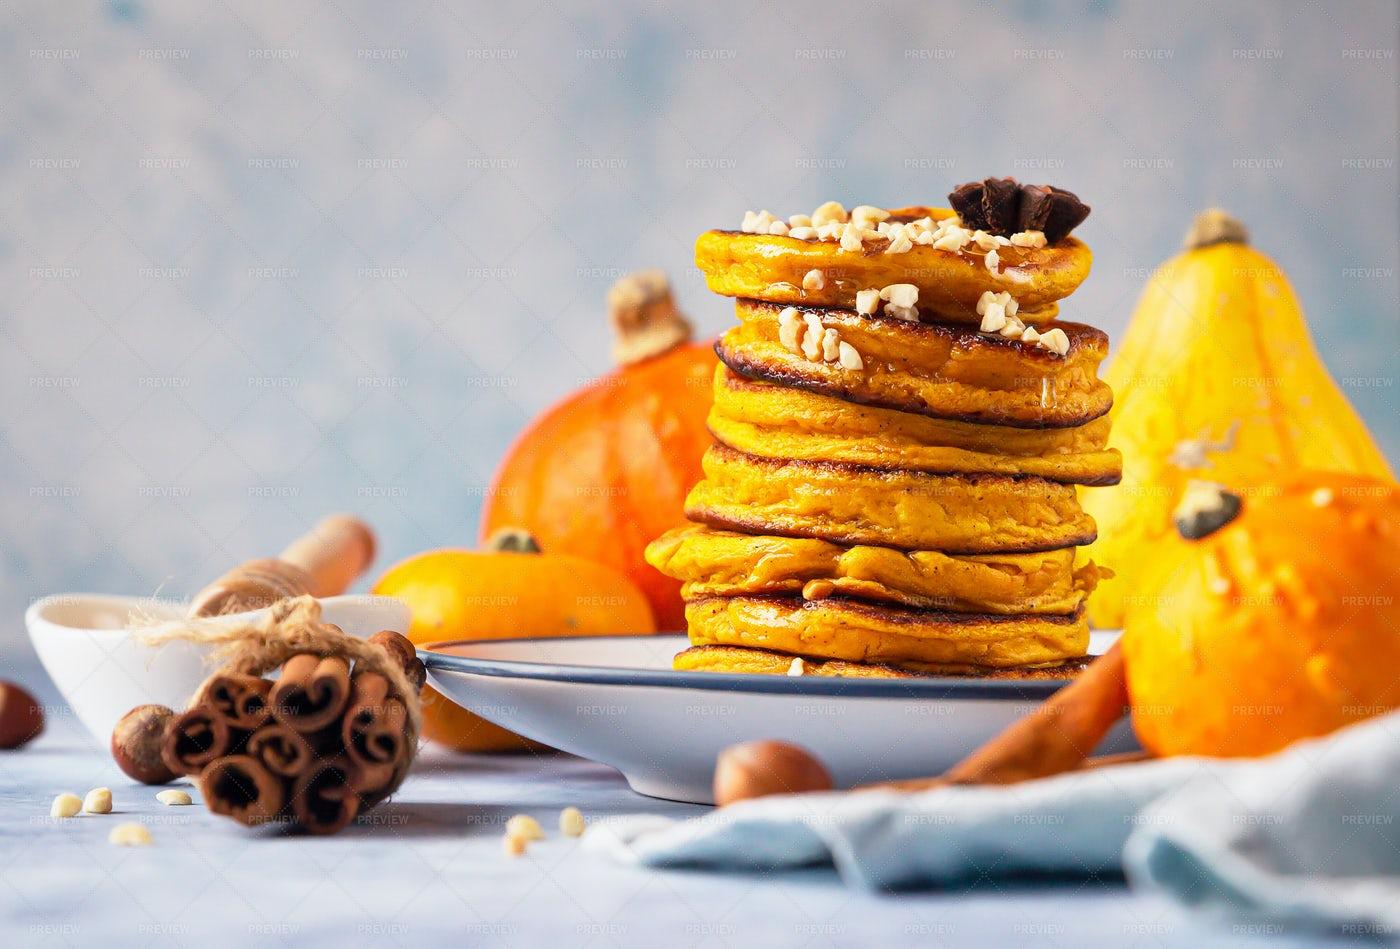 Pumpkin Pancakes With Honey: Stock Photos